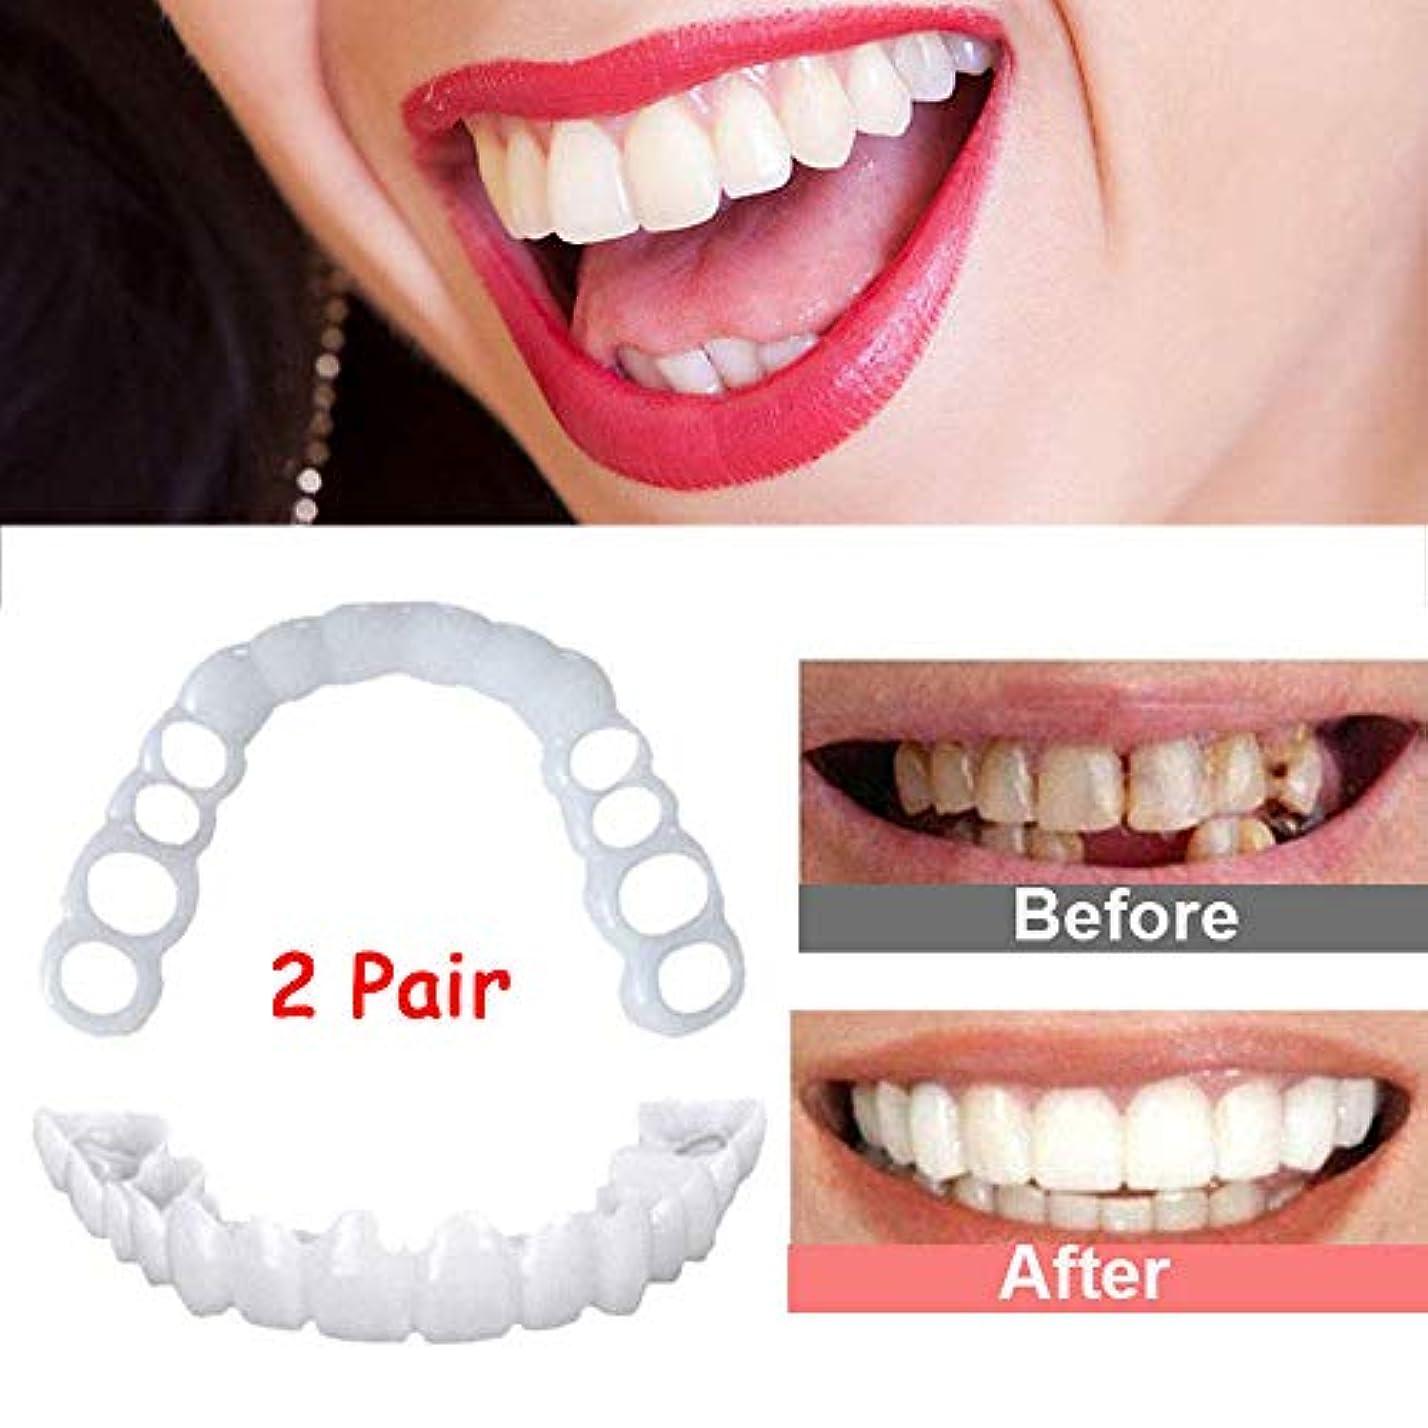 余暇喉が渇いたベッドを作るパーフェクトスマイルの2ペアの再利用可能なスナップが数分でホワイトニング義歯フィットフレックス化粧品の歯快適なベニヤカバーデンタルケアアクセサリーボックス付き